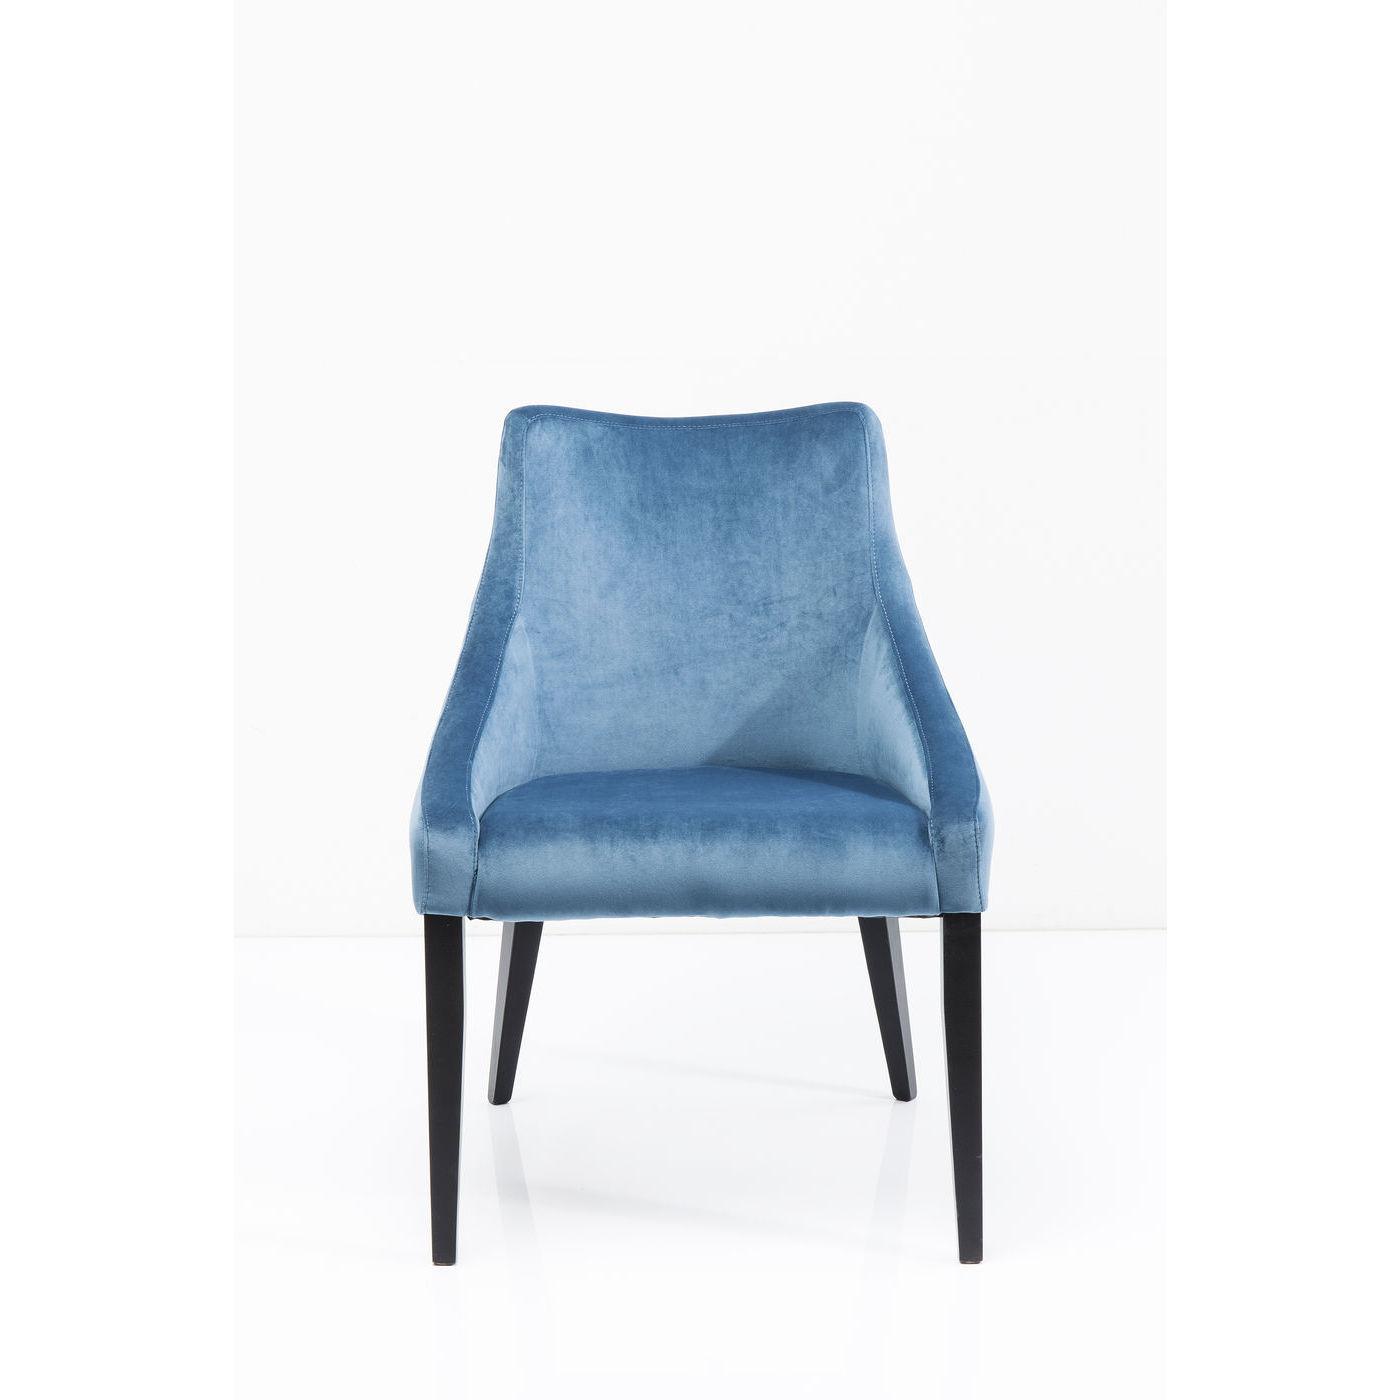 Kare design black mode velvet bluegreen lænestol - blåt/grønt stof/bøg, m. armlæn fra kare design på boboonline.dk